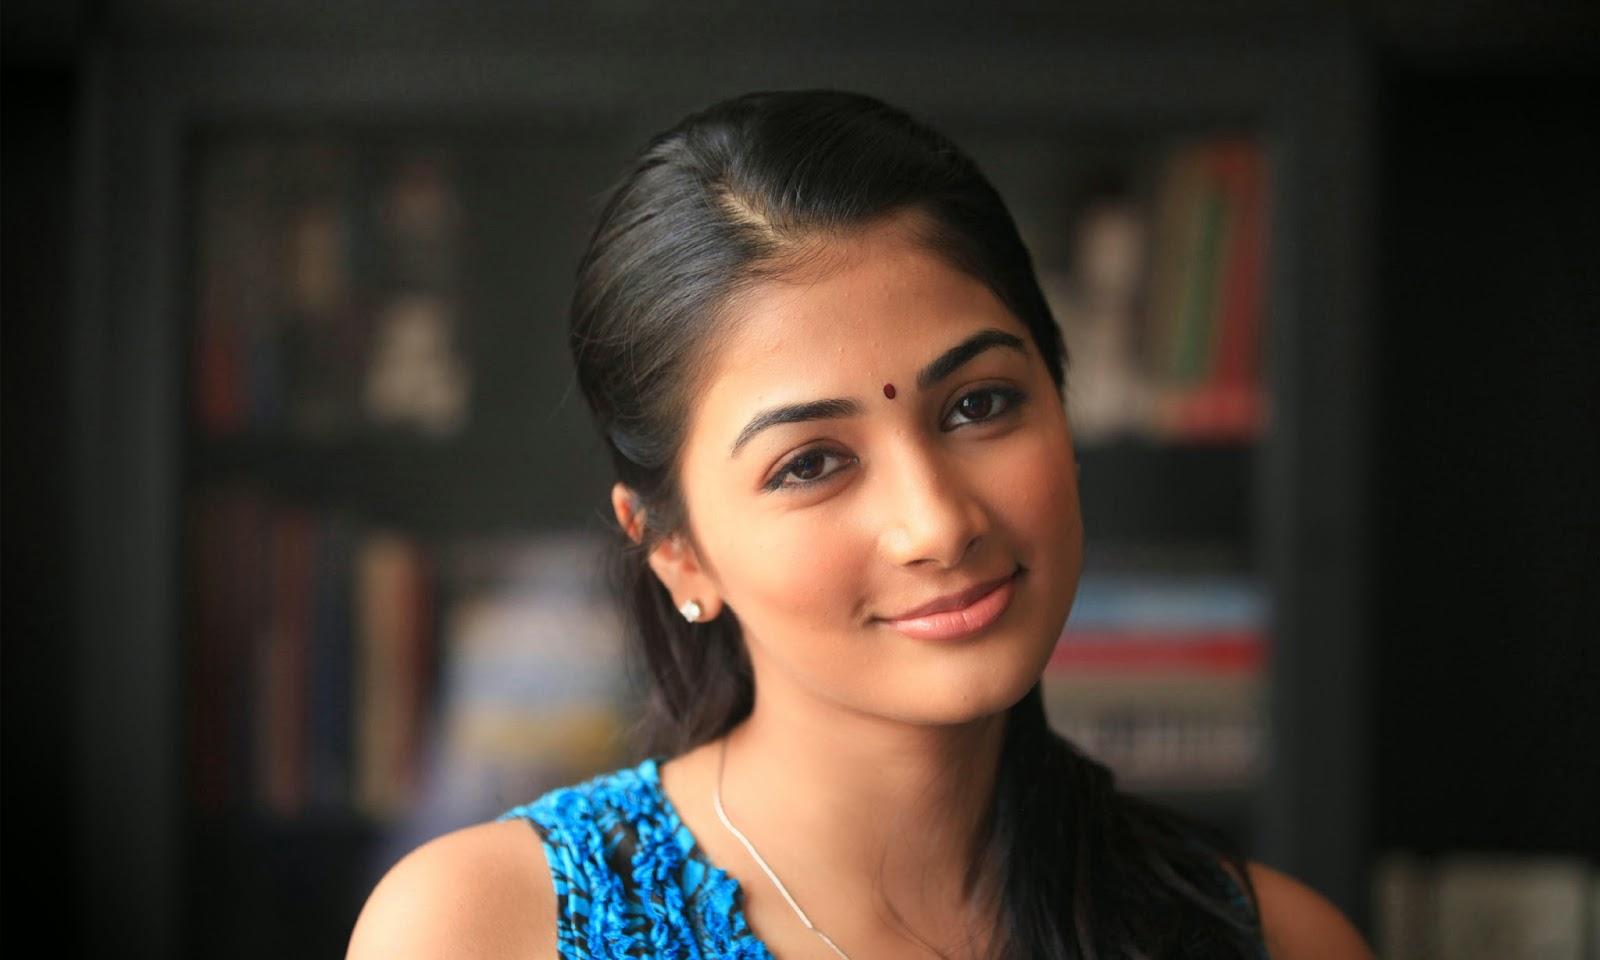 actress pooja hegde wallpapers - Pooja Hegde HD Wallpapers HD Wallpapers (High